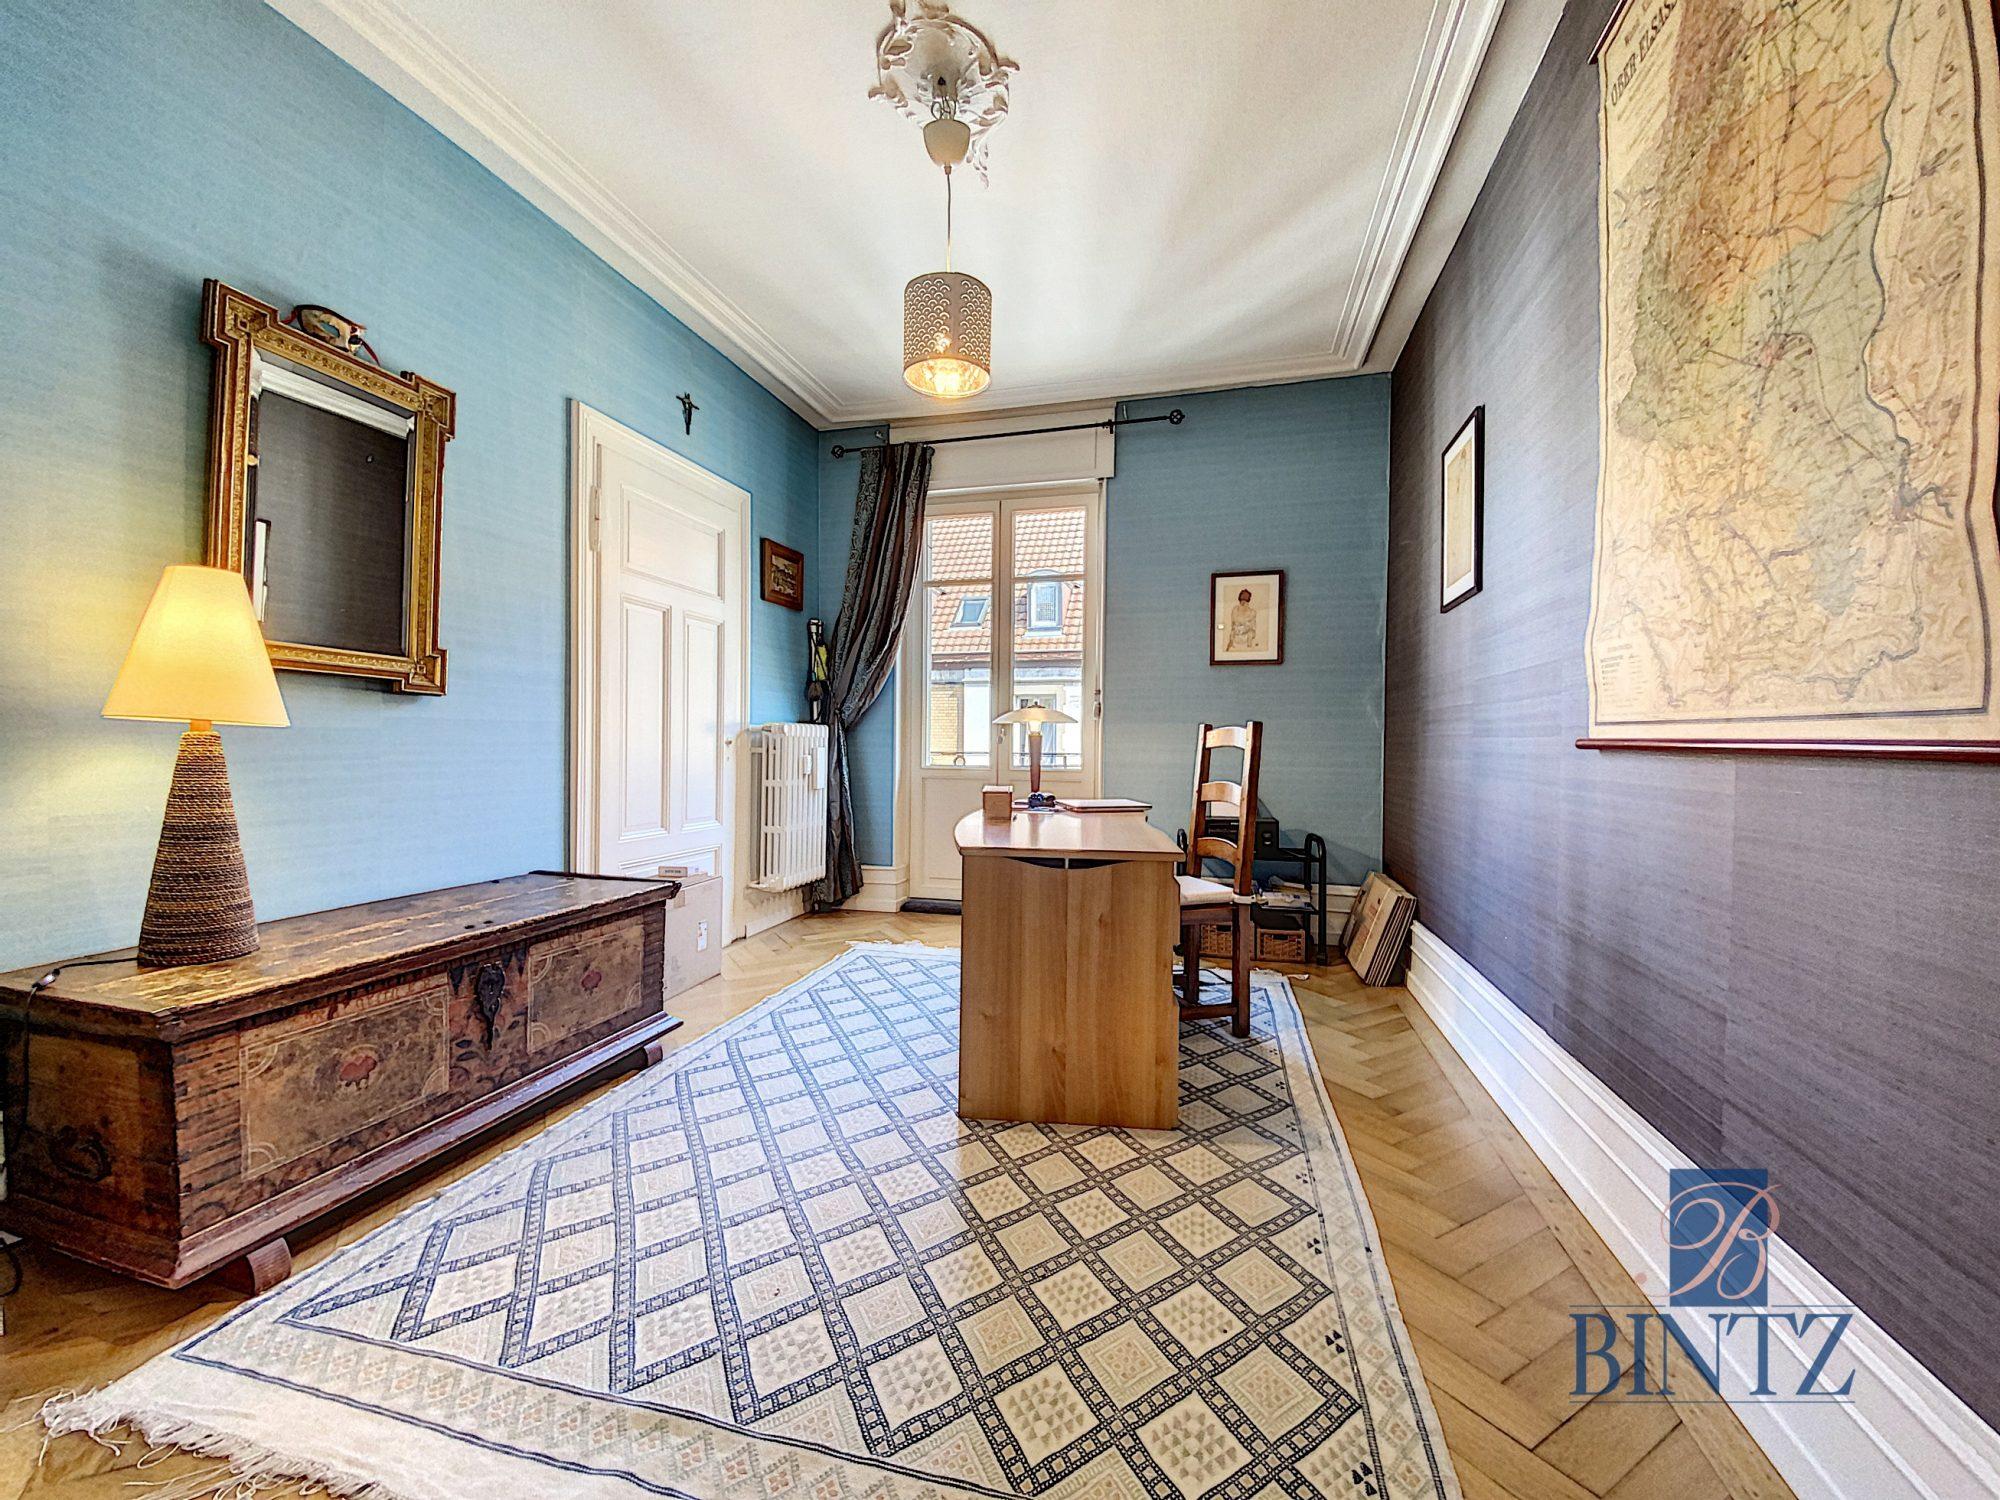 Appartement de 7 pièces – Rue Schwendi - Devenez propriétaire en toute confiance - Bintz Immobilier - 16